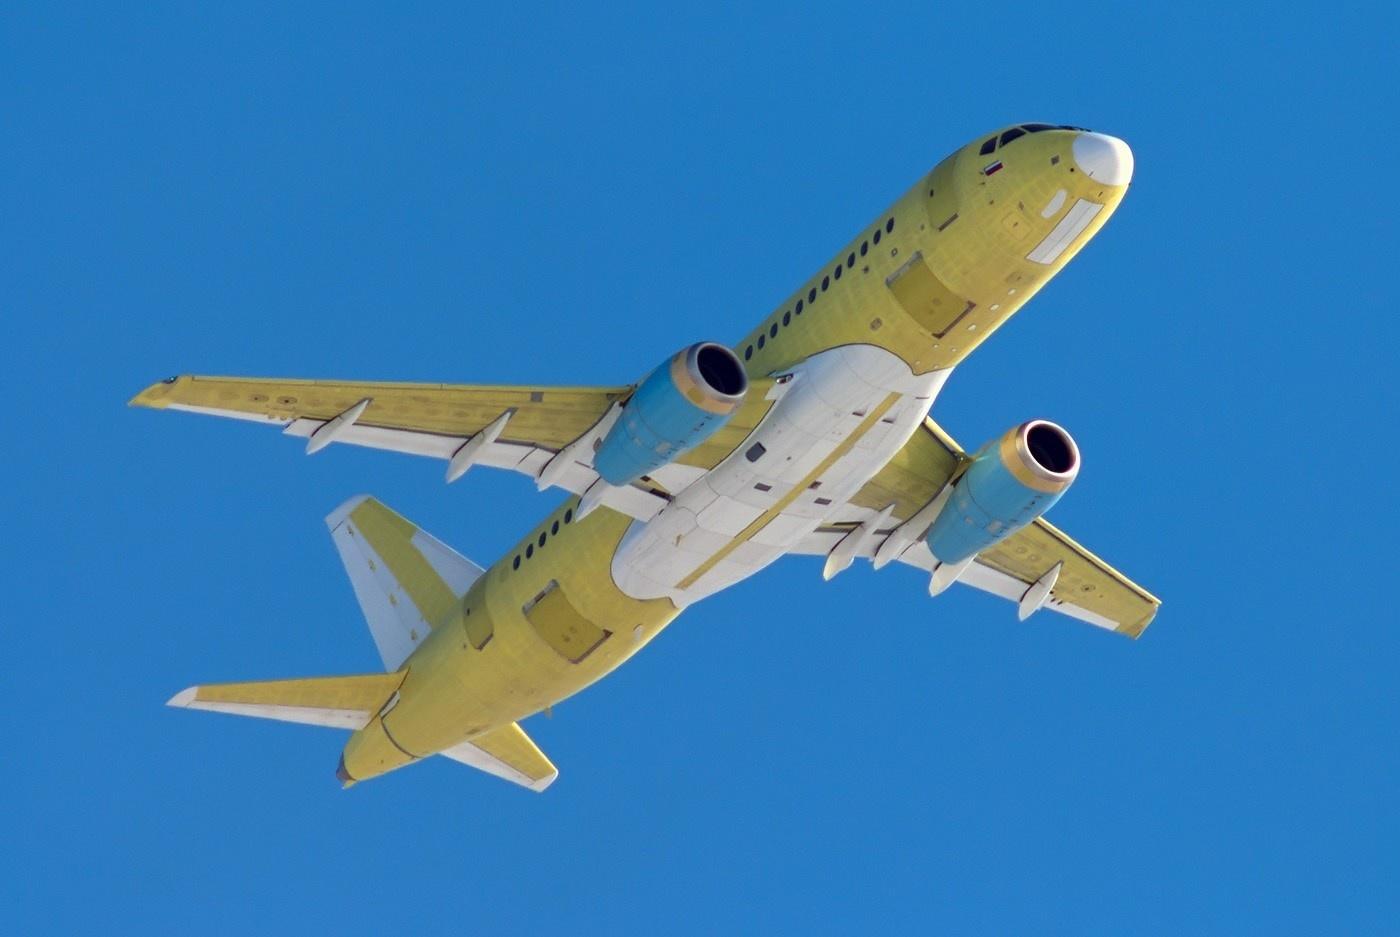 Самолета руслан фотографии, фото ан 124 руслан скачать